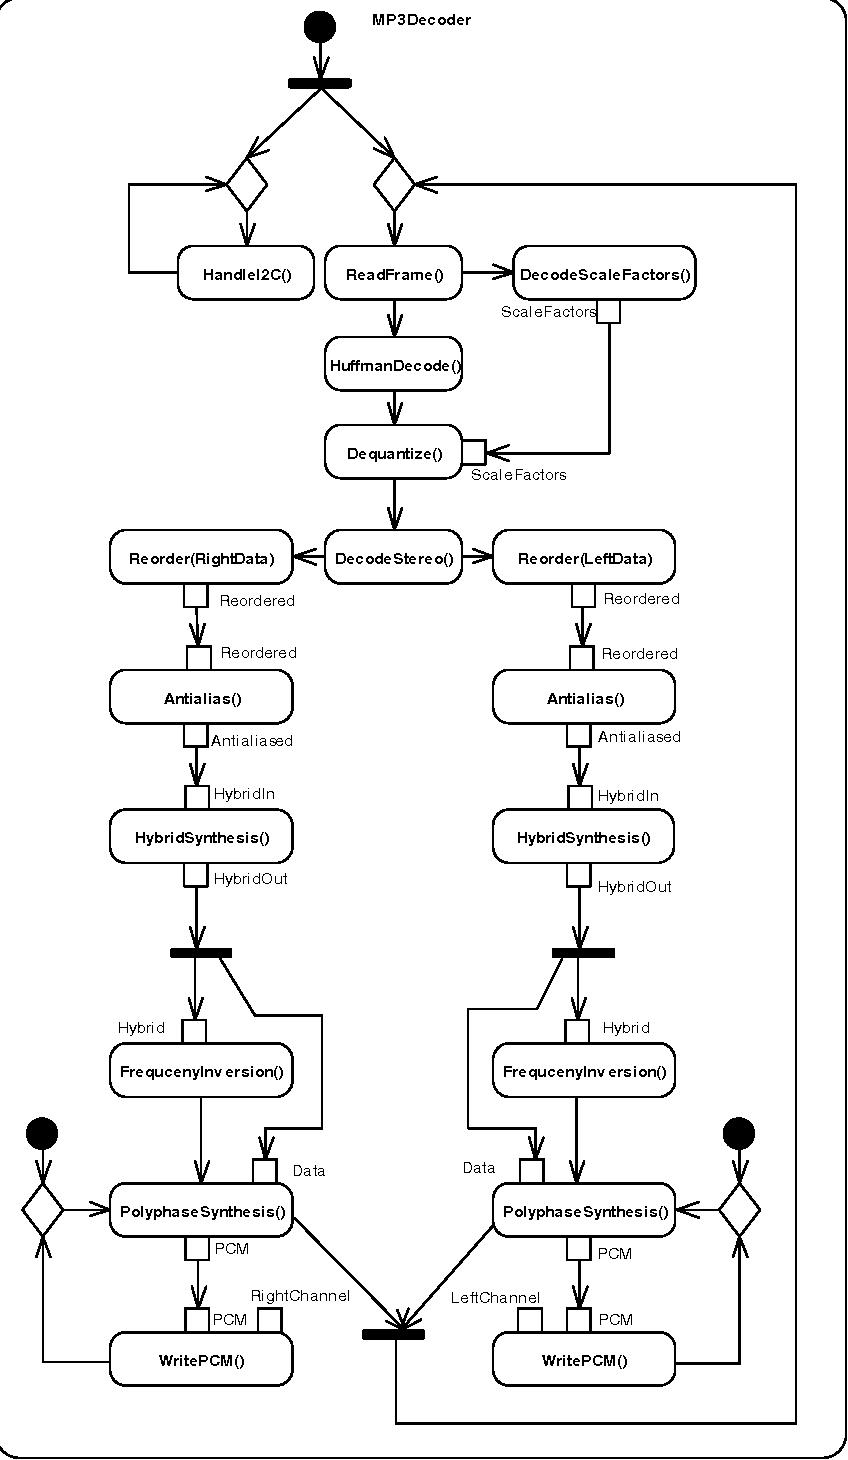 Fig. 8. MP3Decoder Class - Main Activity